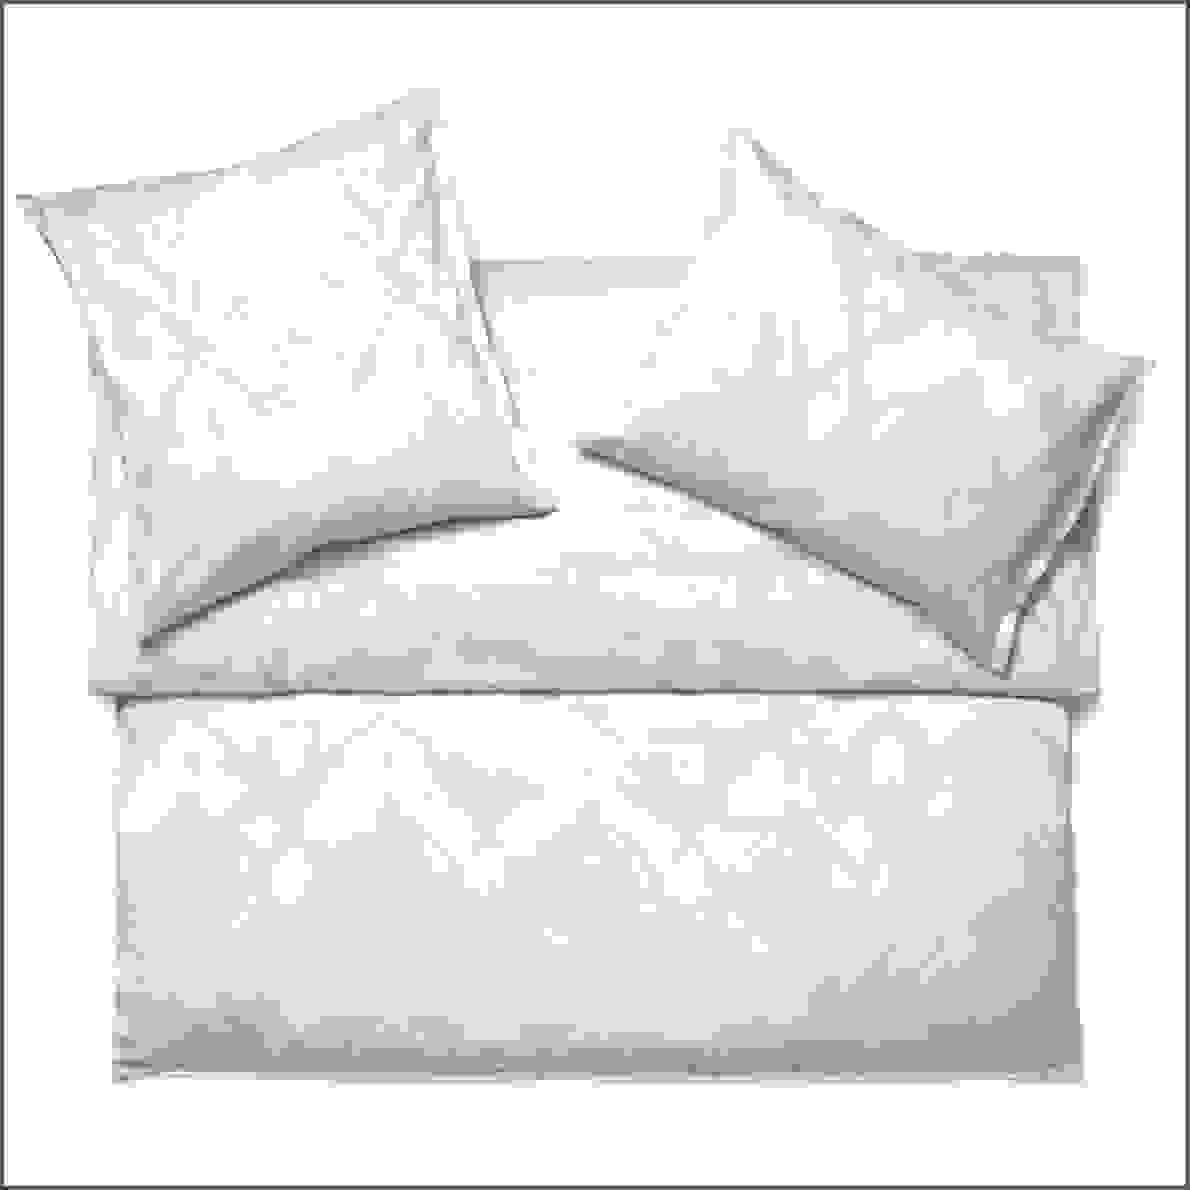 Häusliche Verbesserung Bettwäsche Reduziert Schnäppchen Bettwasche von Bettwäsche Reduziert Schnäppchen Bild